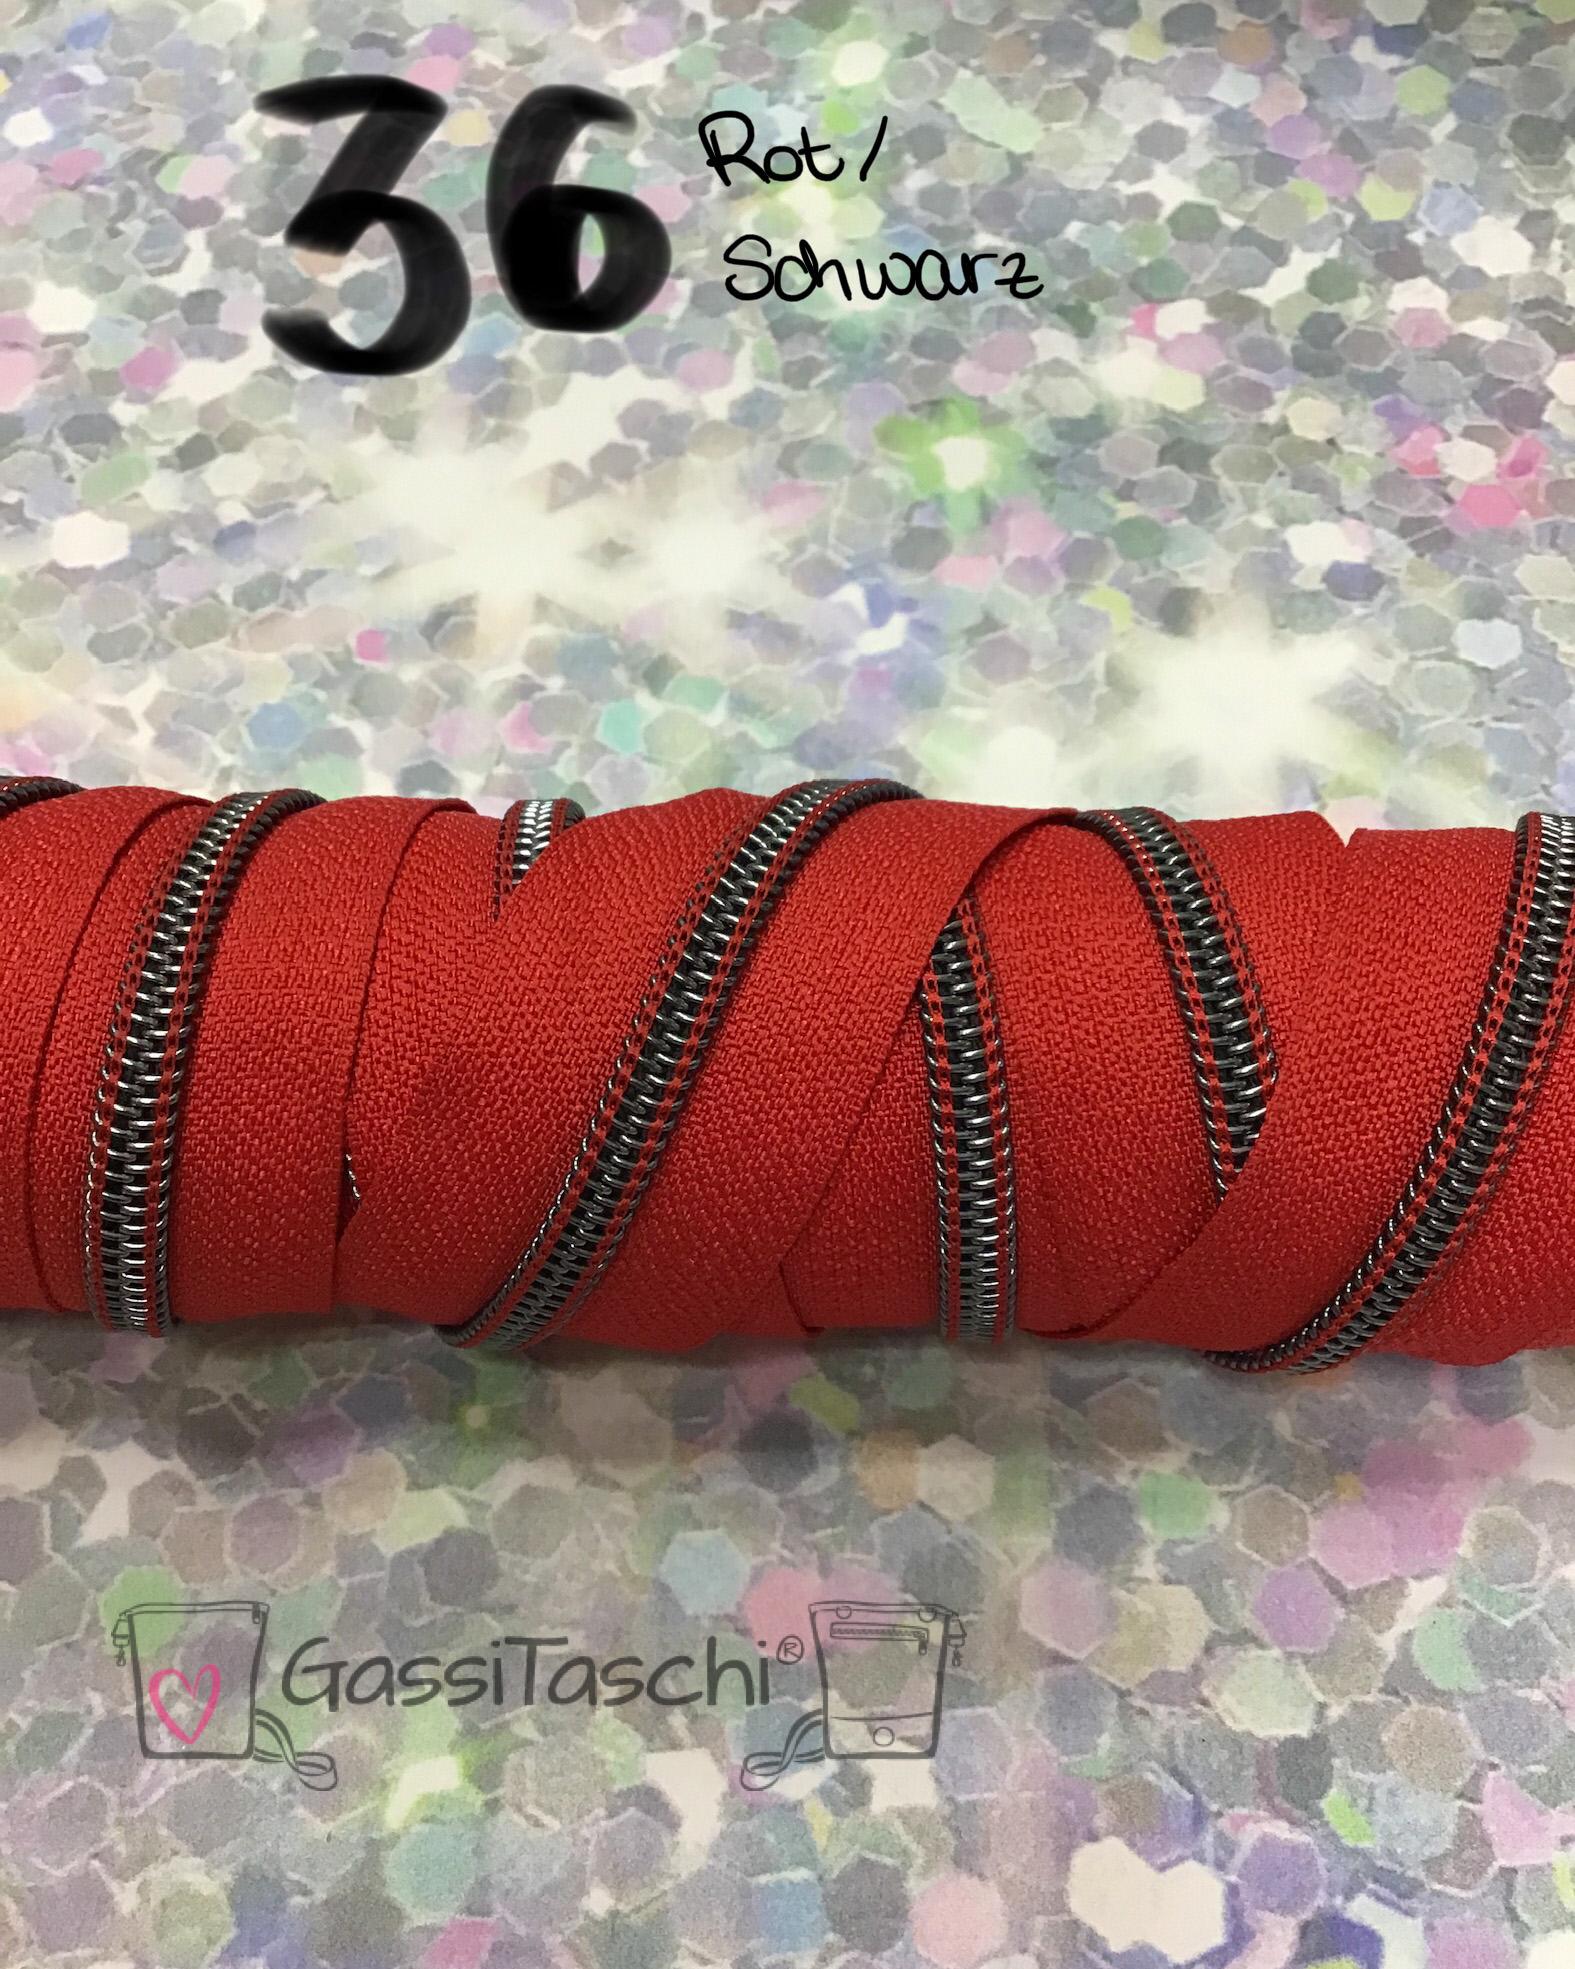 036-rot-schwarz